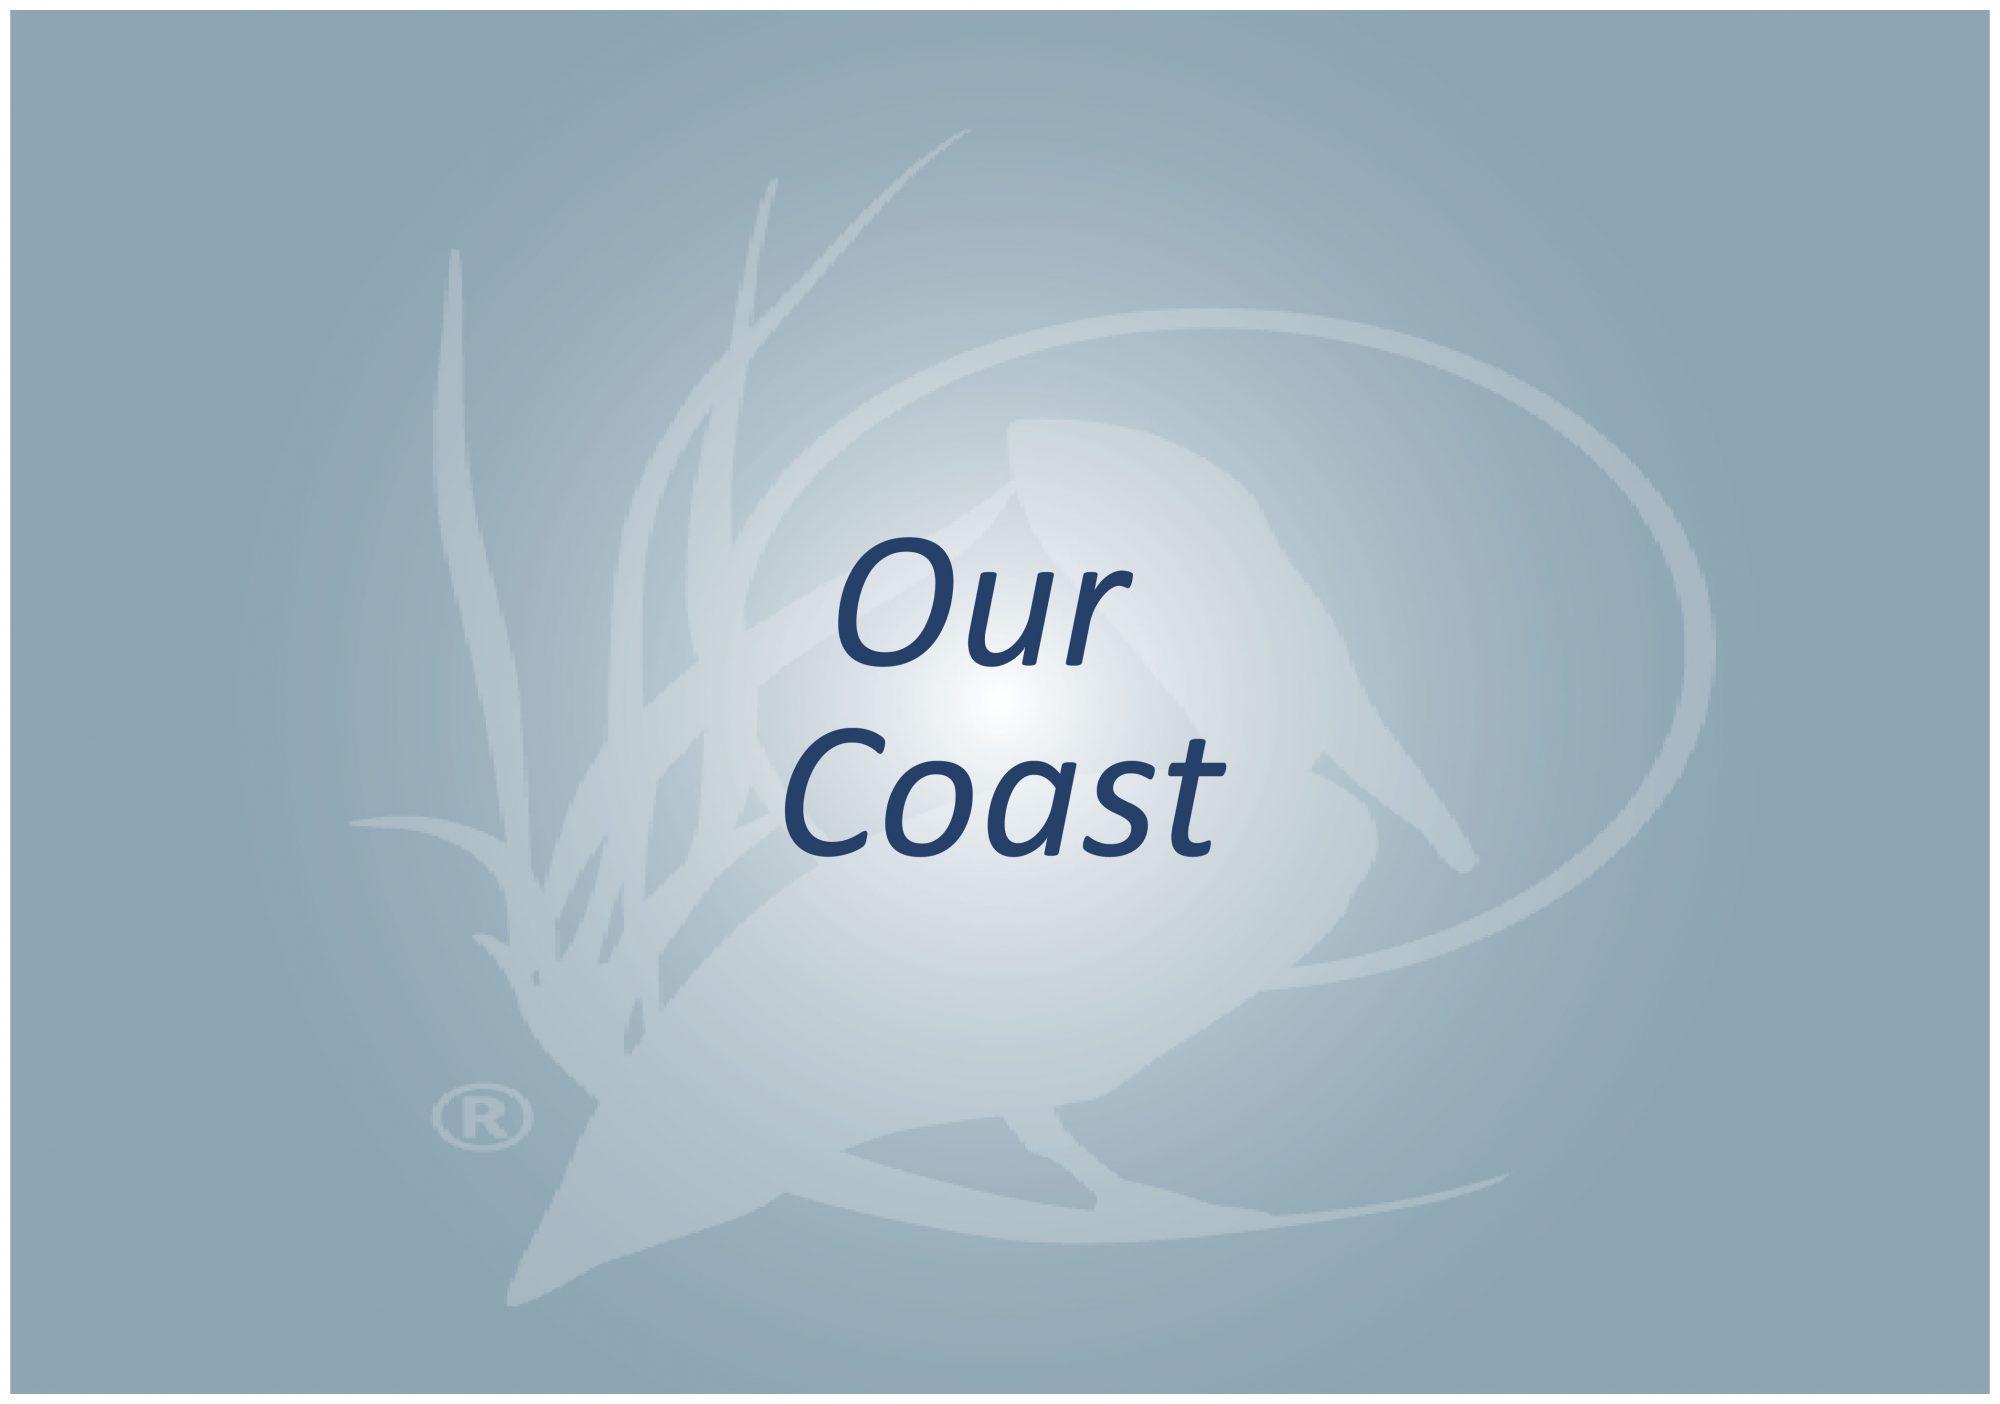 Our Coast